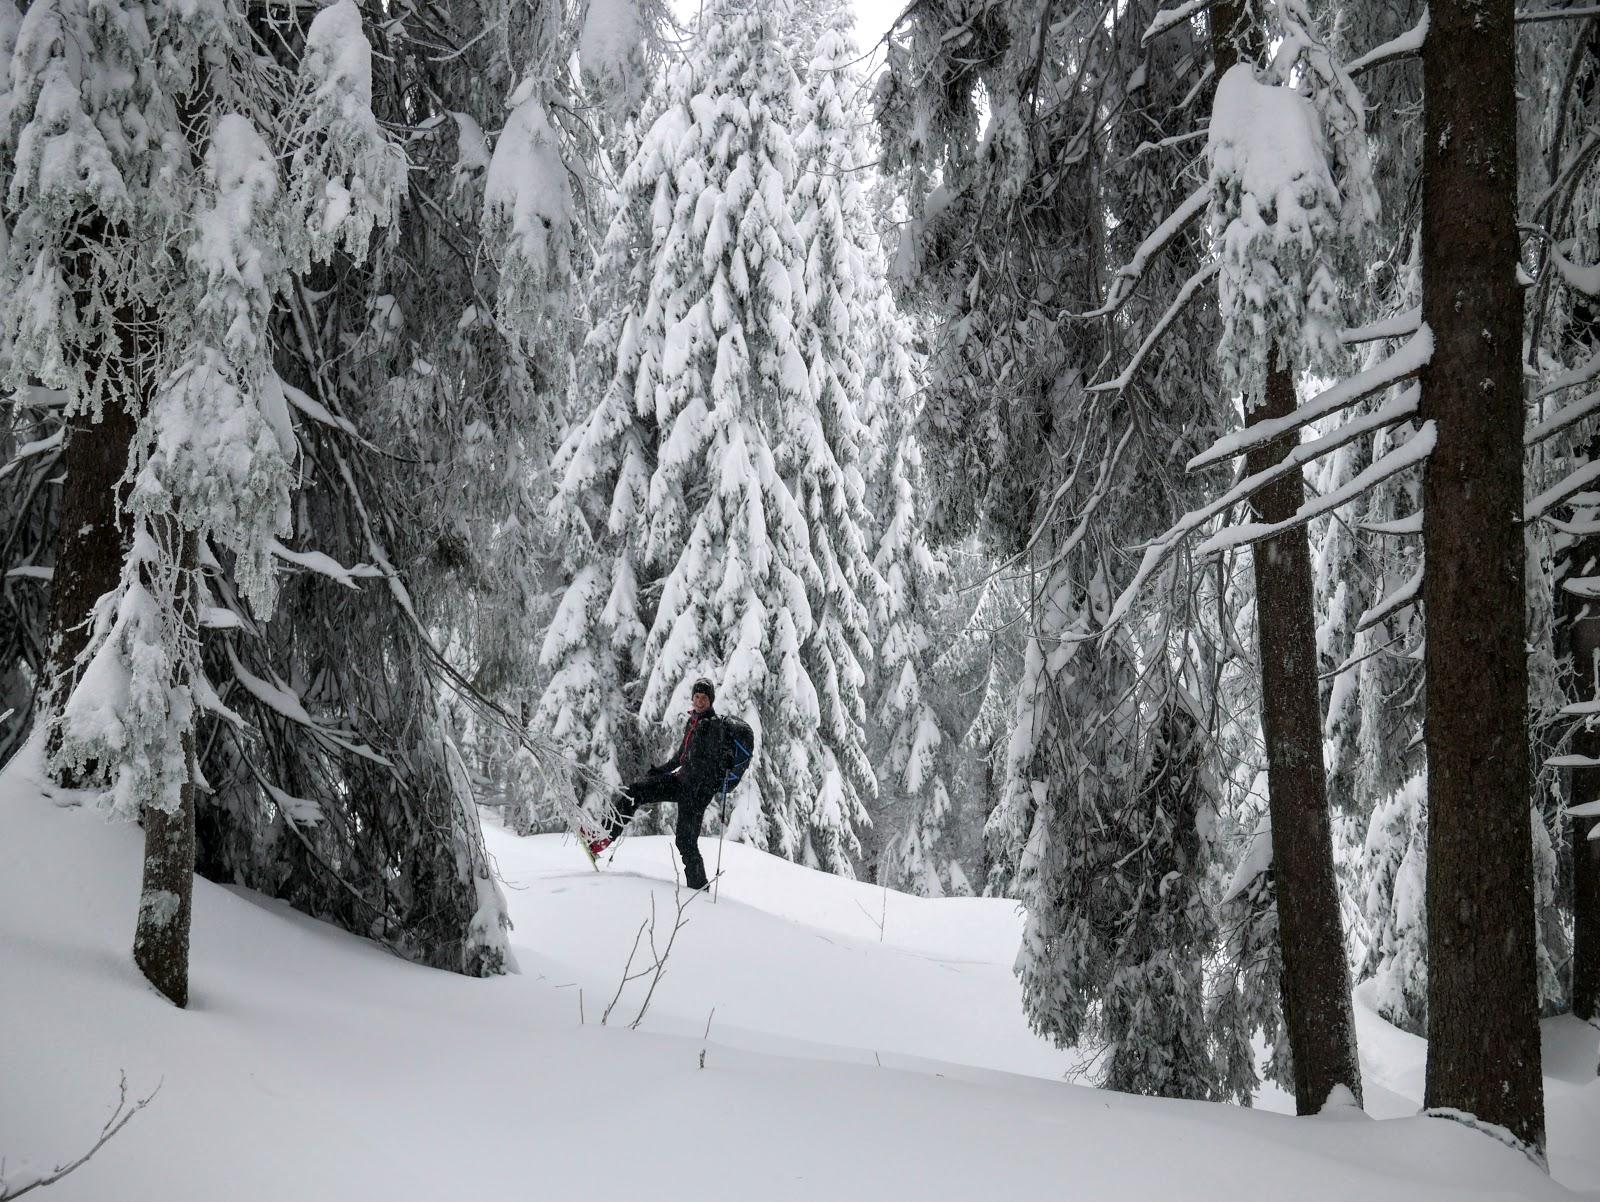 Pilsko zimą, beskid żywiecki zimą